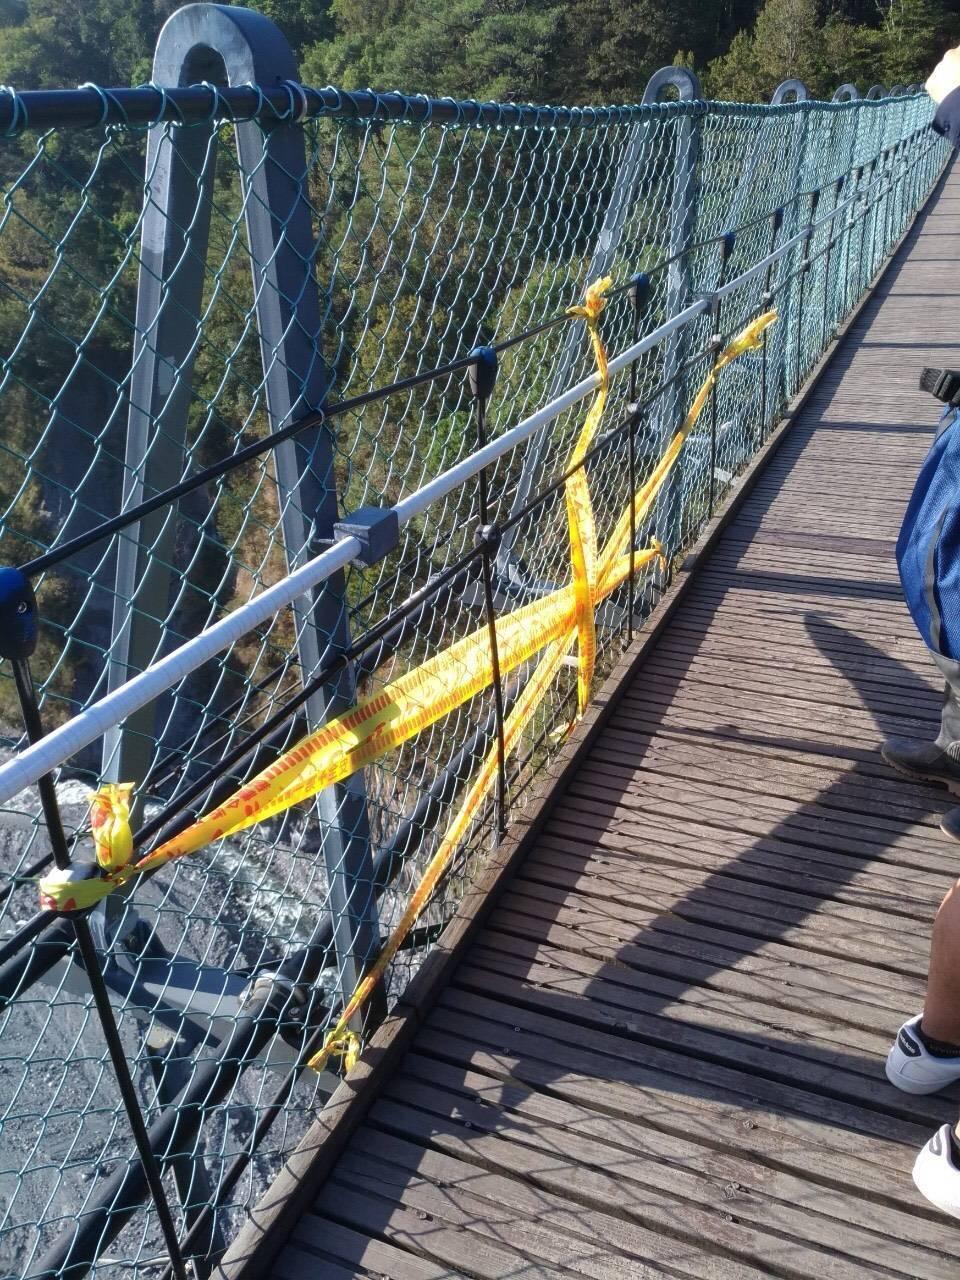 南投縣仁愛鄉奧萬大森林遊樂區昨下午傳孩童墜橋身亡意外,檢警今將前往吊橋勘驗現場,...